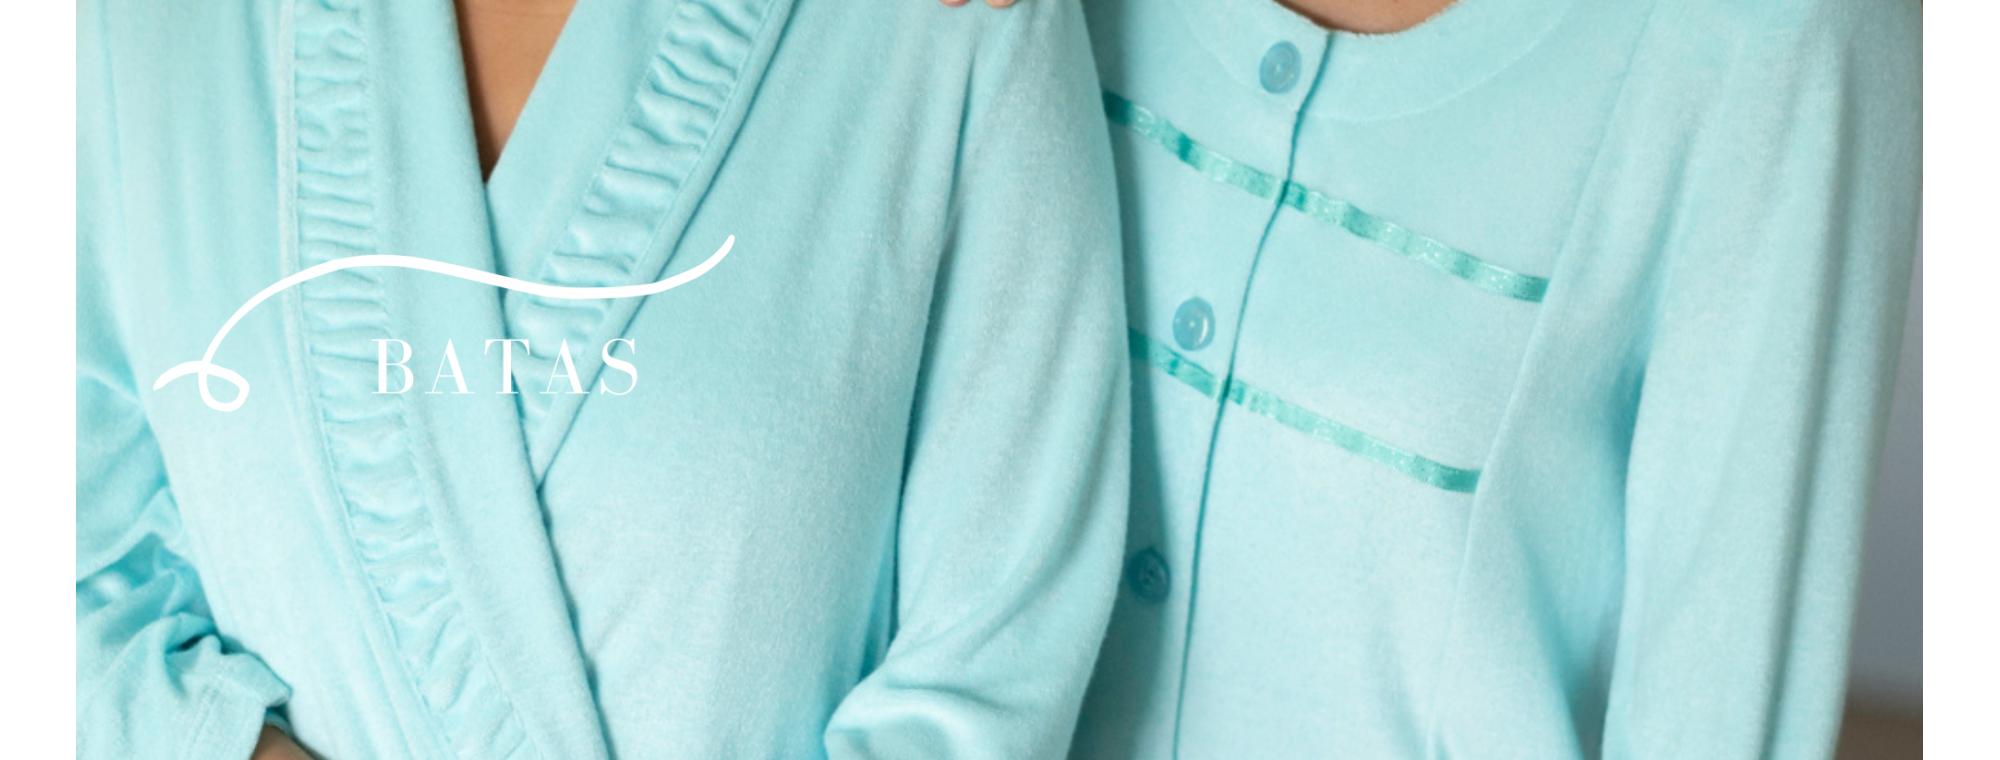 Batas para mujer |Egatex